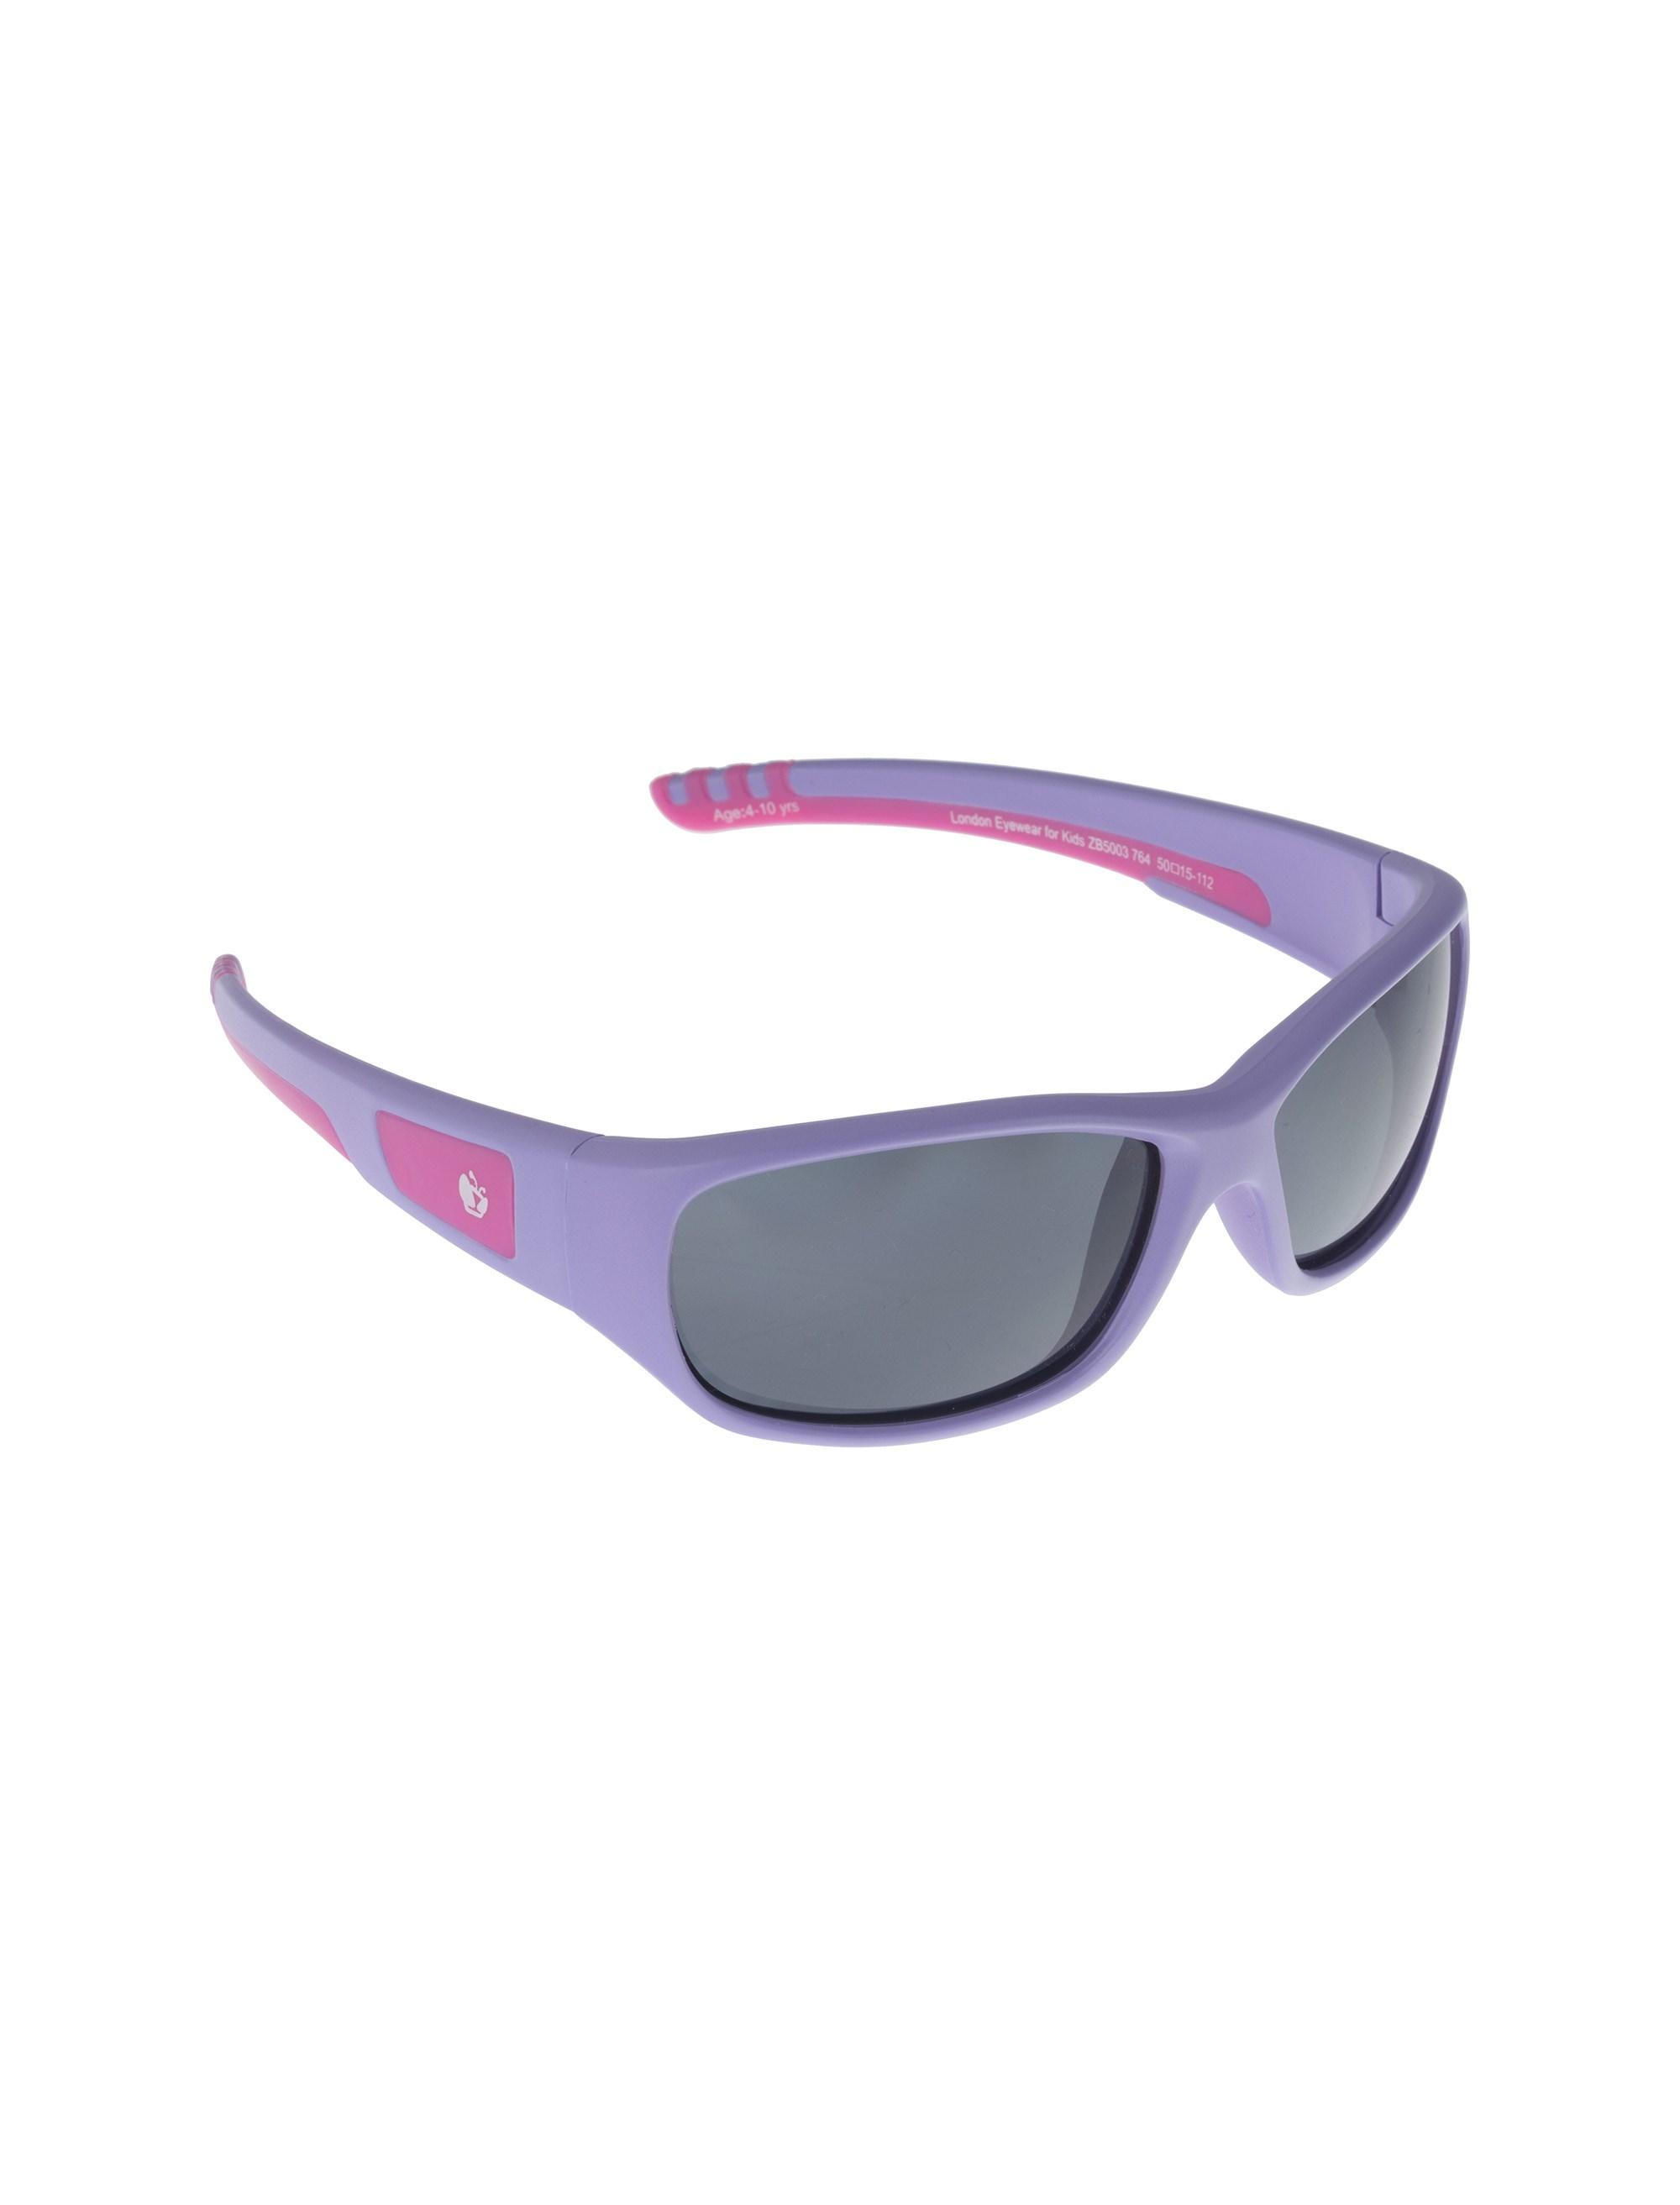 عینک آفتابی کمربندی بچگانه - زوباگ - بنفش - 2